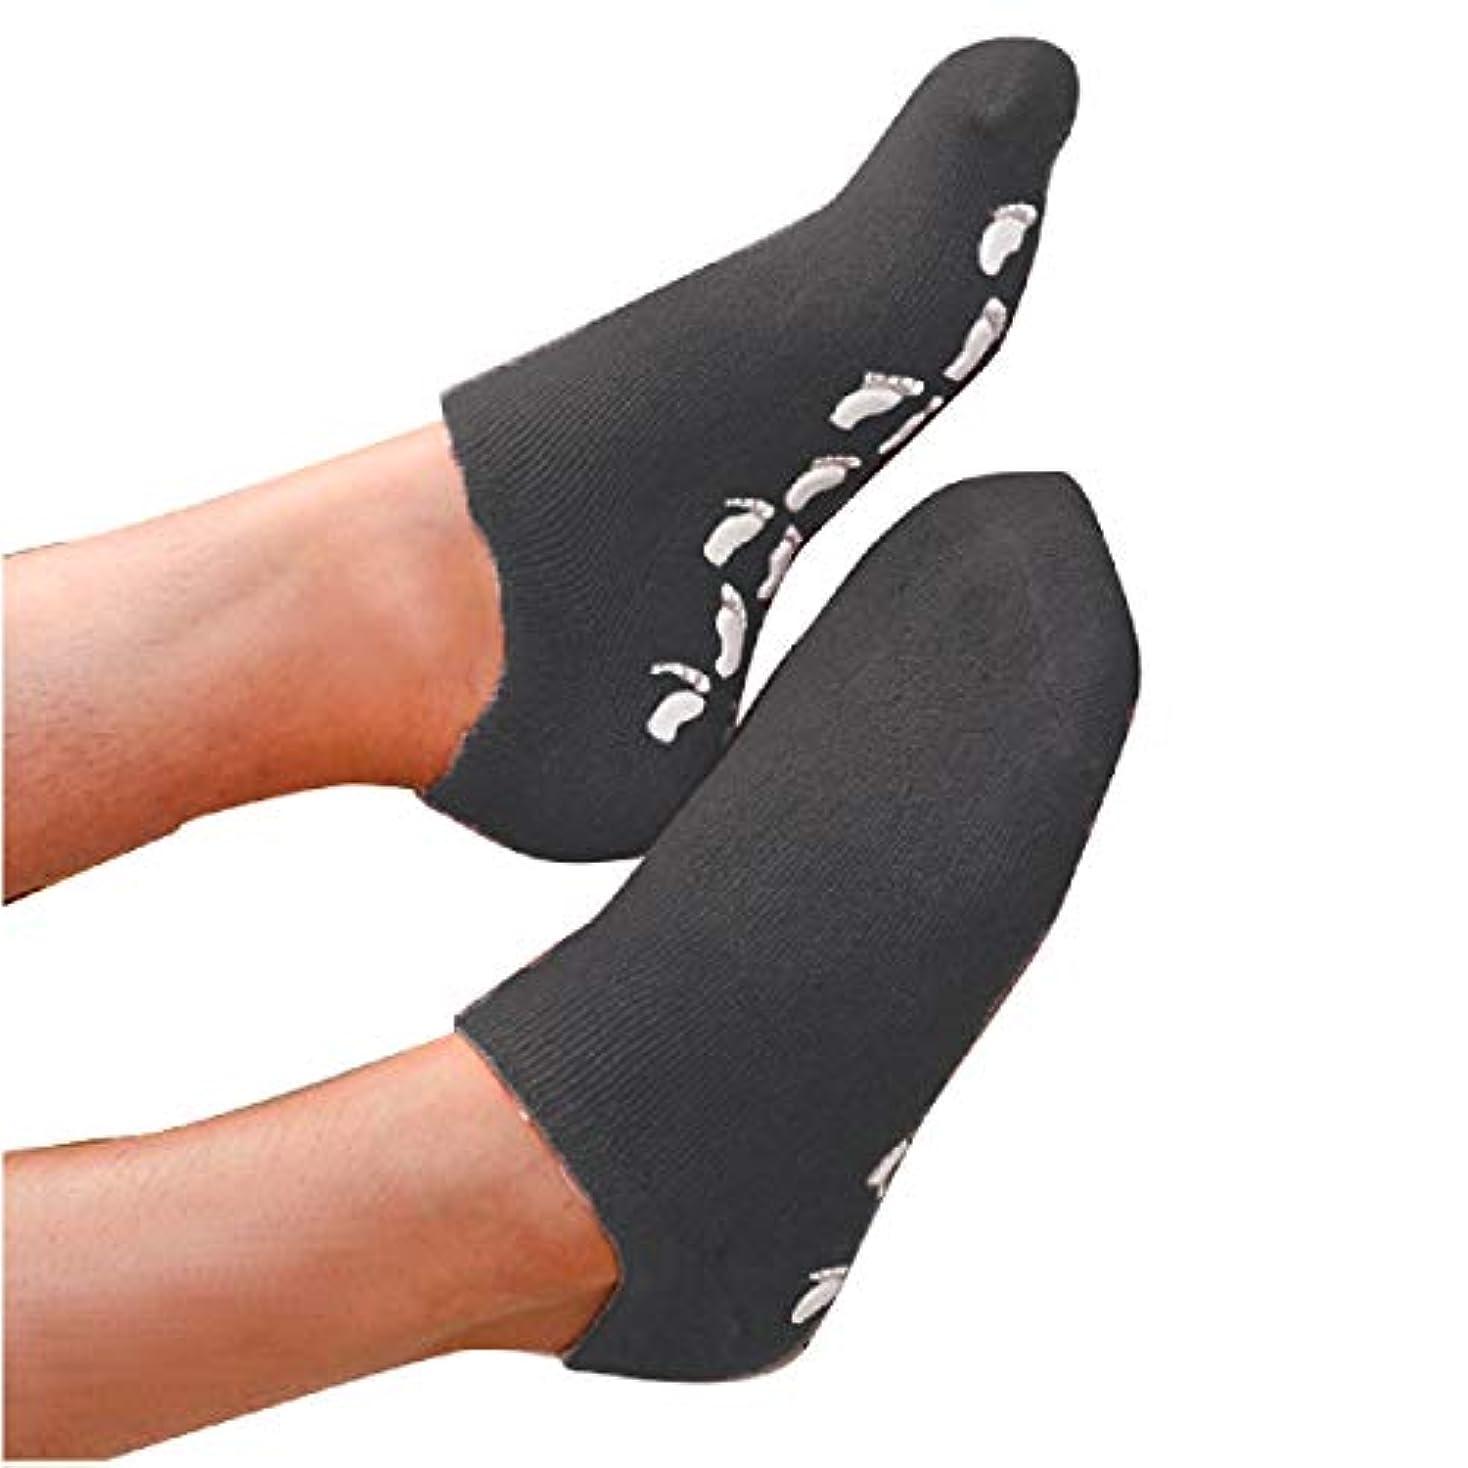 サイバースペース頭痛安息S&E かかと 靴下 保湿 ソックス 美容成分 潤い ゲル付き 滑り止め 足裏 足の甲 ホホバオイル グレープシード ビタミンE ラベンダー ローズ (ブラック)